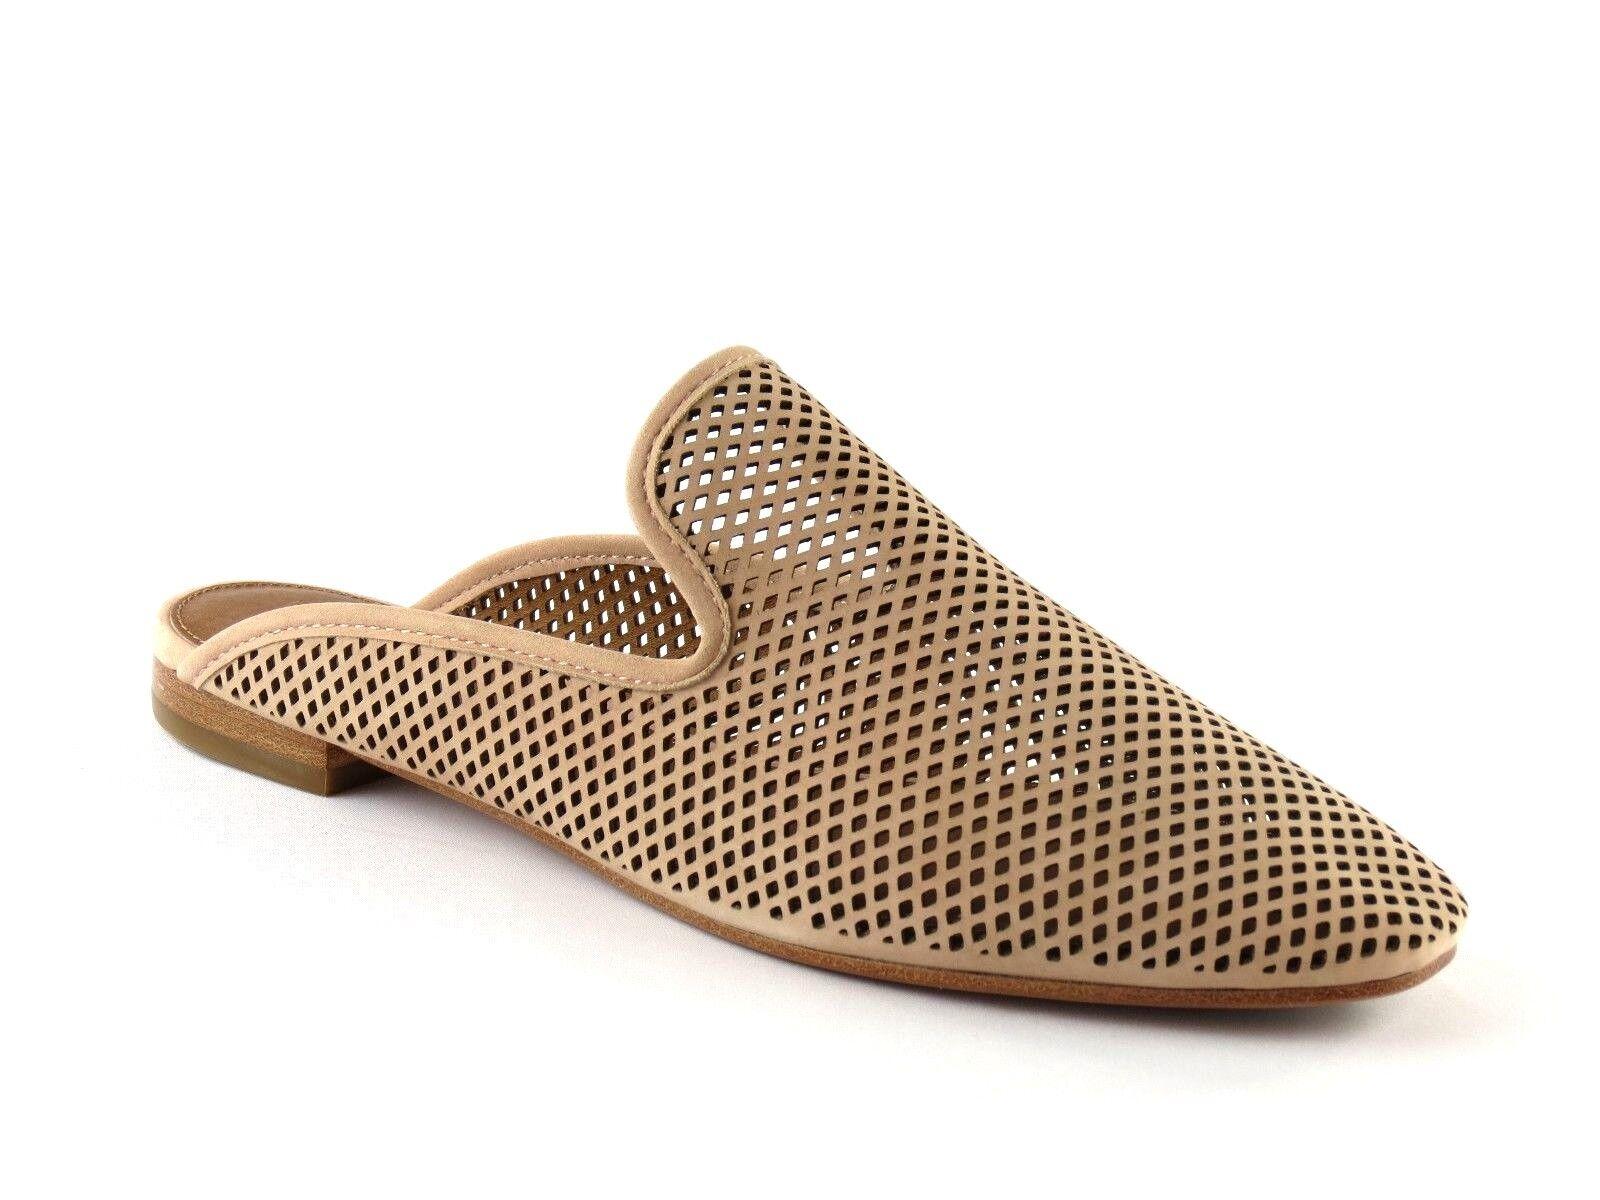 Frye Laser Cut Gwen Perforated Blush Nubuck Leder Slide Sandale 7.5 NEW Größe 7.5 Sandale be9921